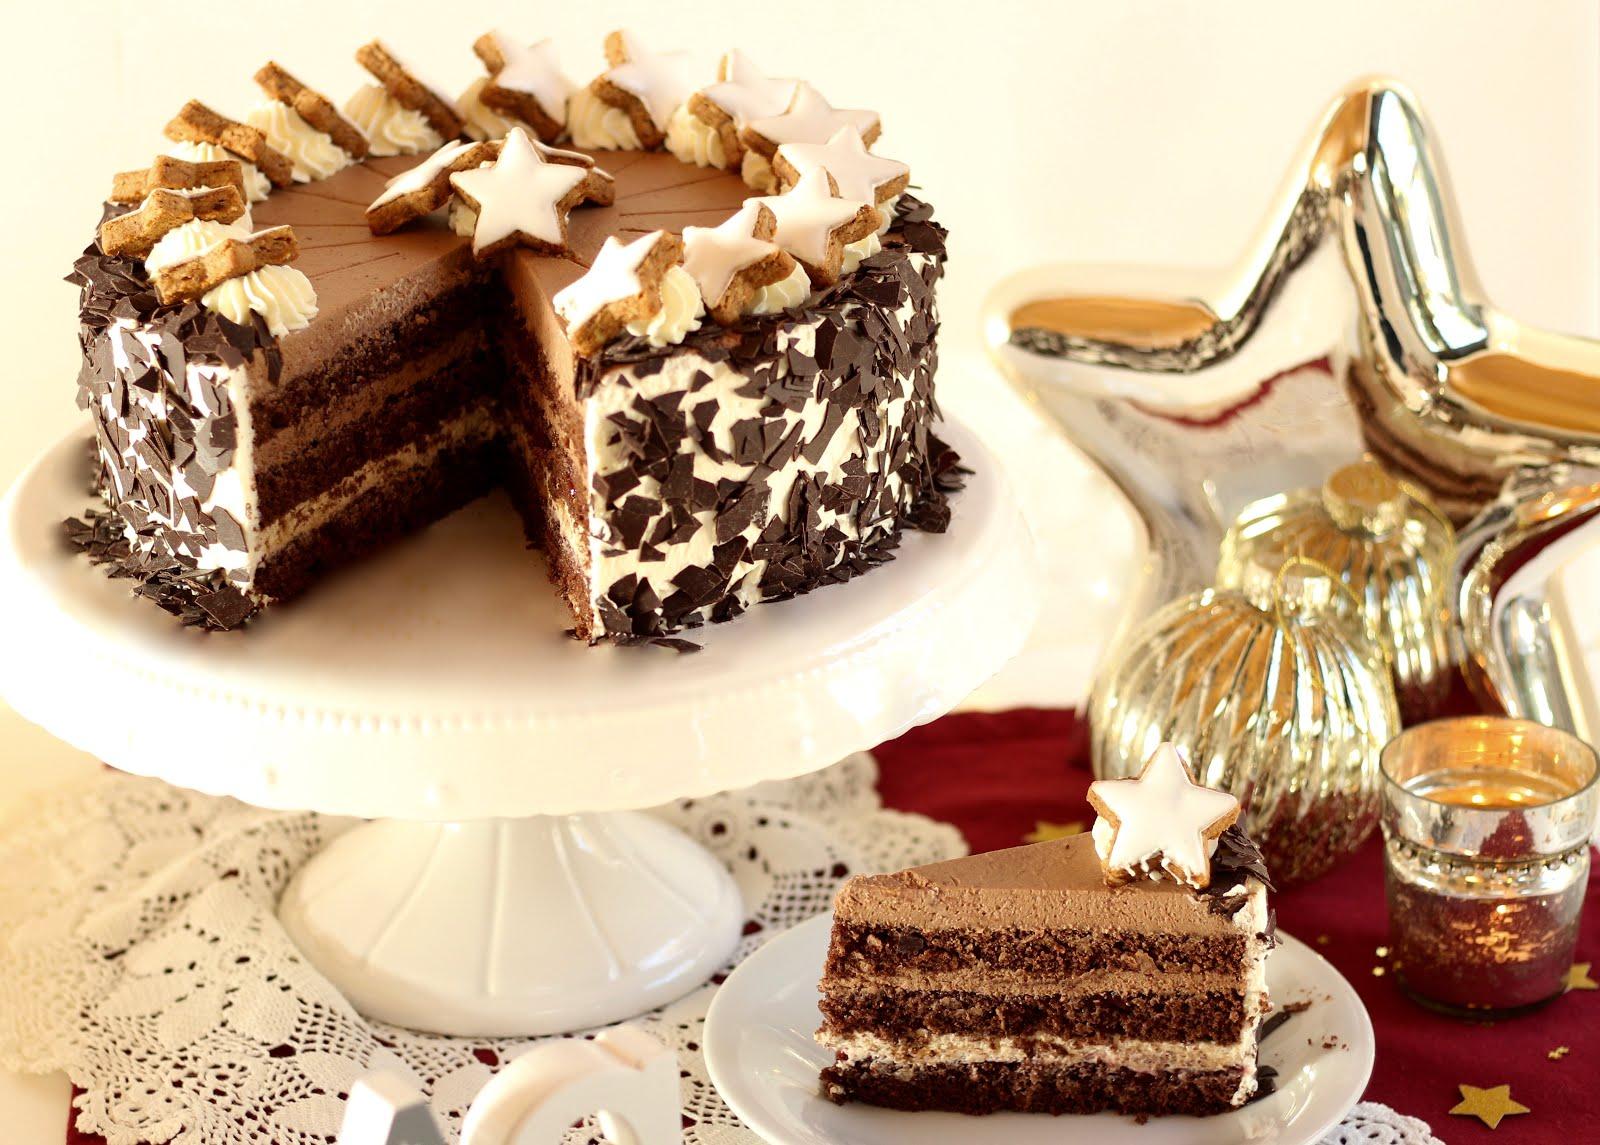 Festliche Schoko-Zimtstern-Torte - Rezept und Video von Sugarprincess | SCCC 2019: Türchen Nr. 8 | Gewinnspiel